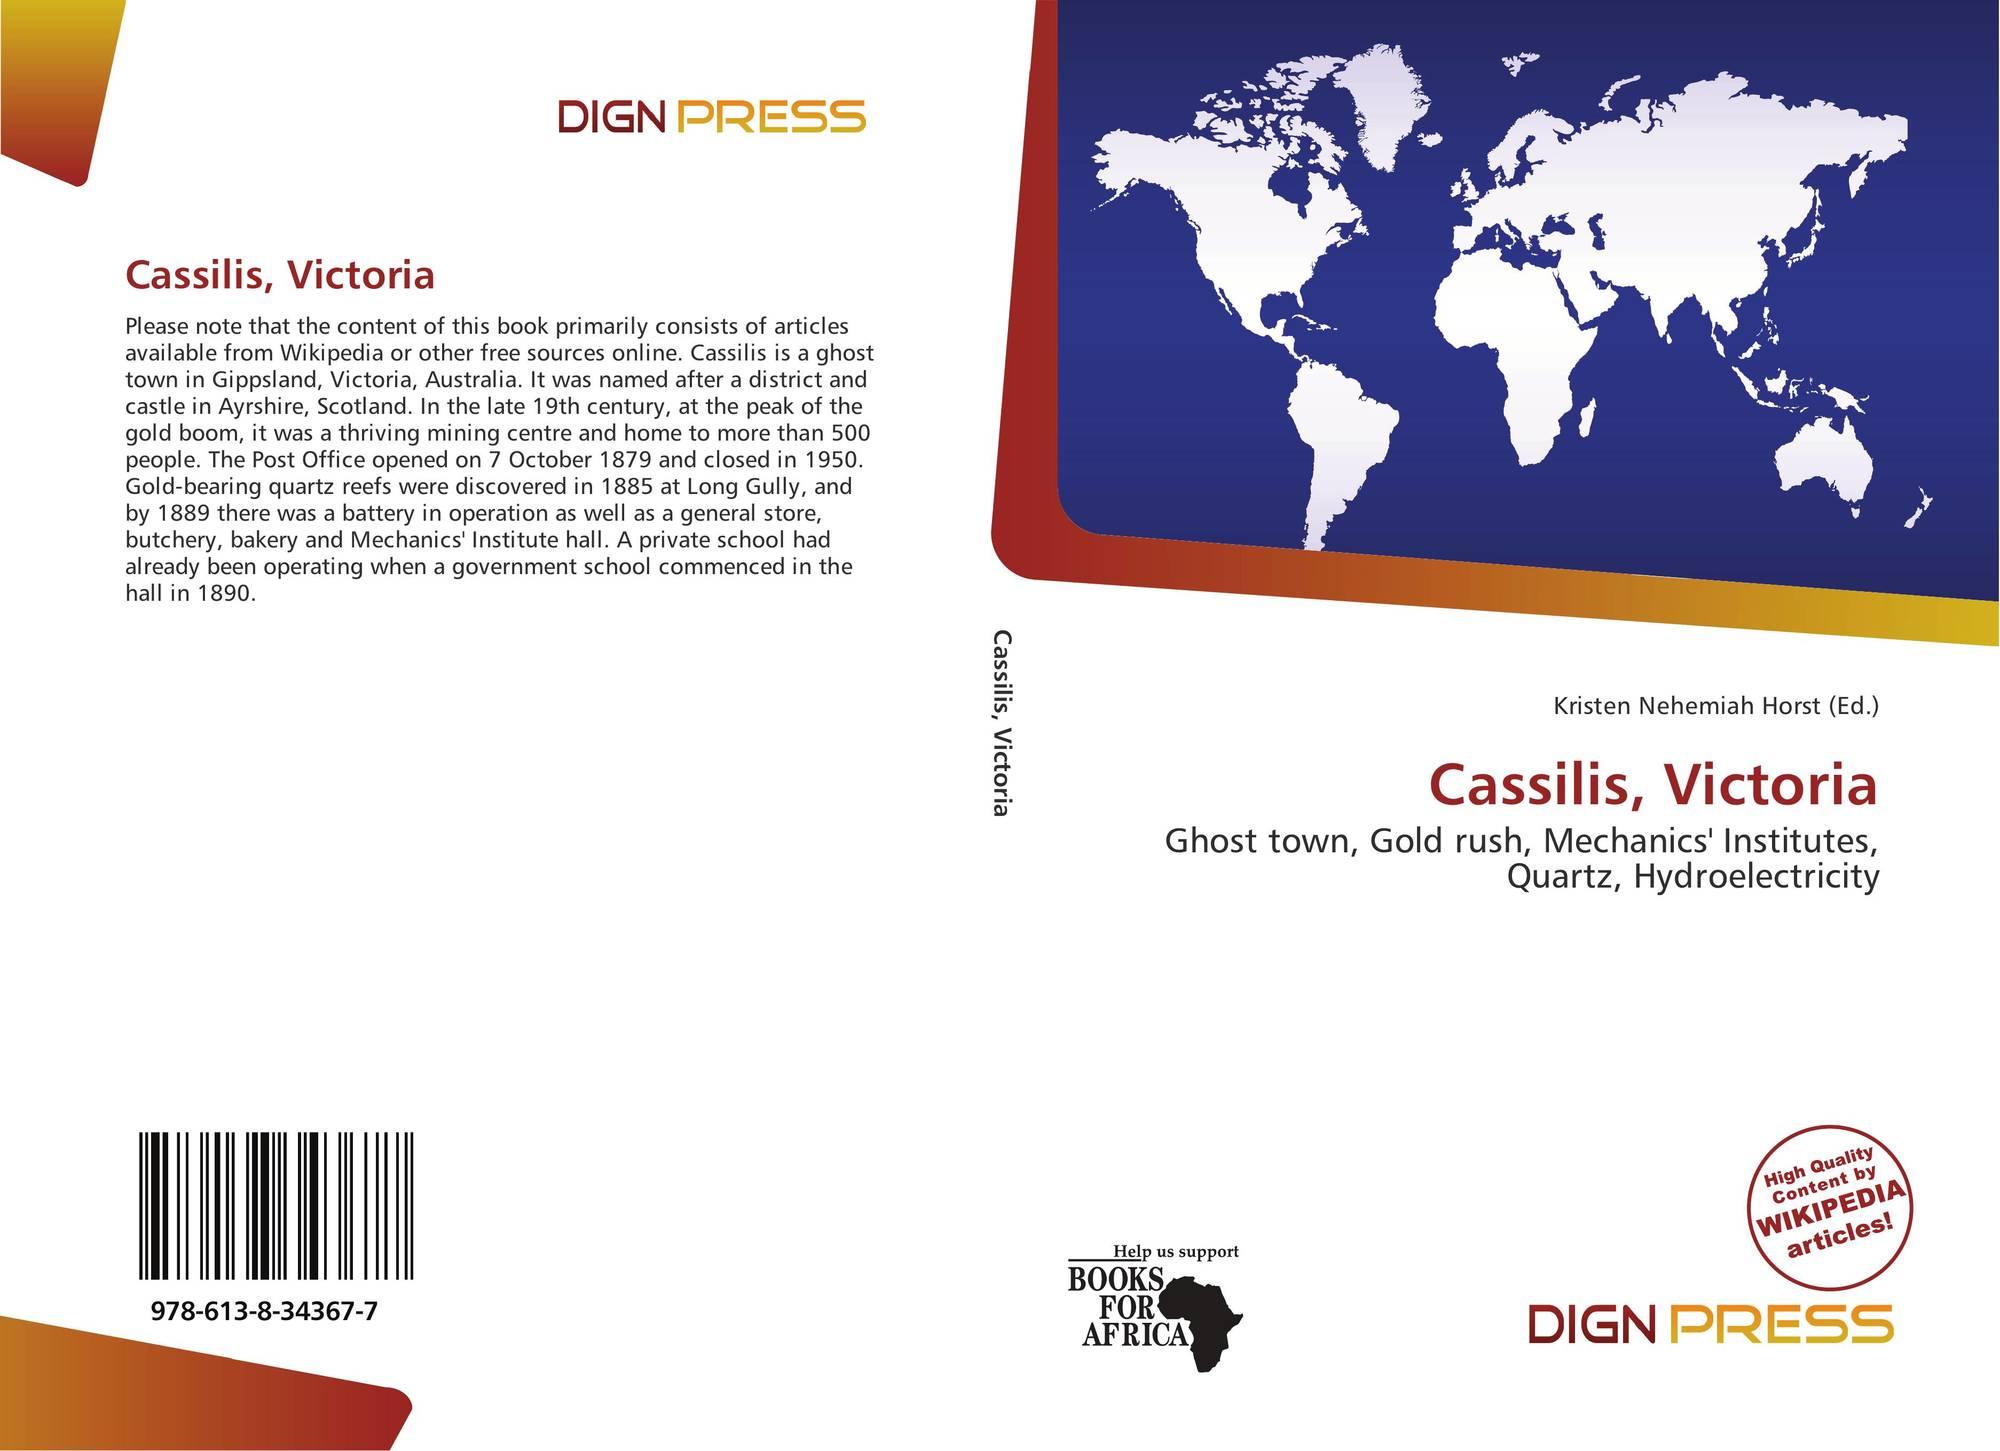 Cassilis, Victoria, 978-613-8-34367-7, 6138343670 ,9786138343677